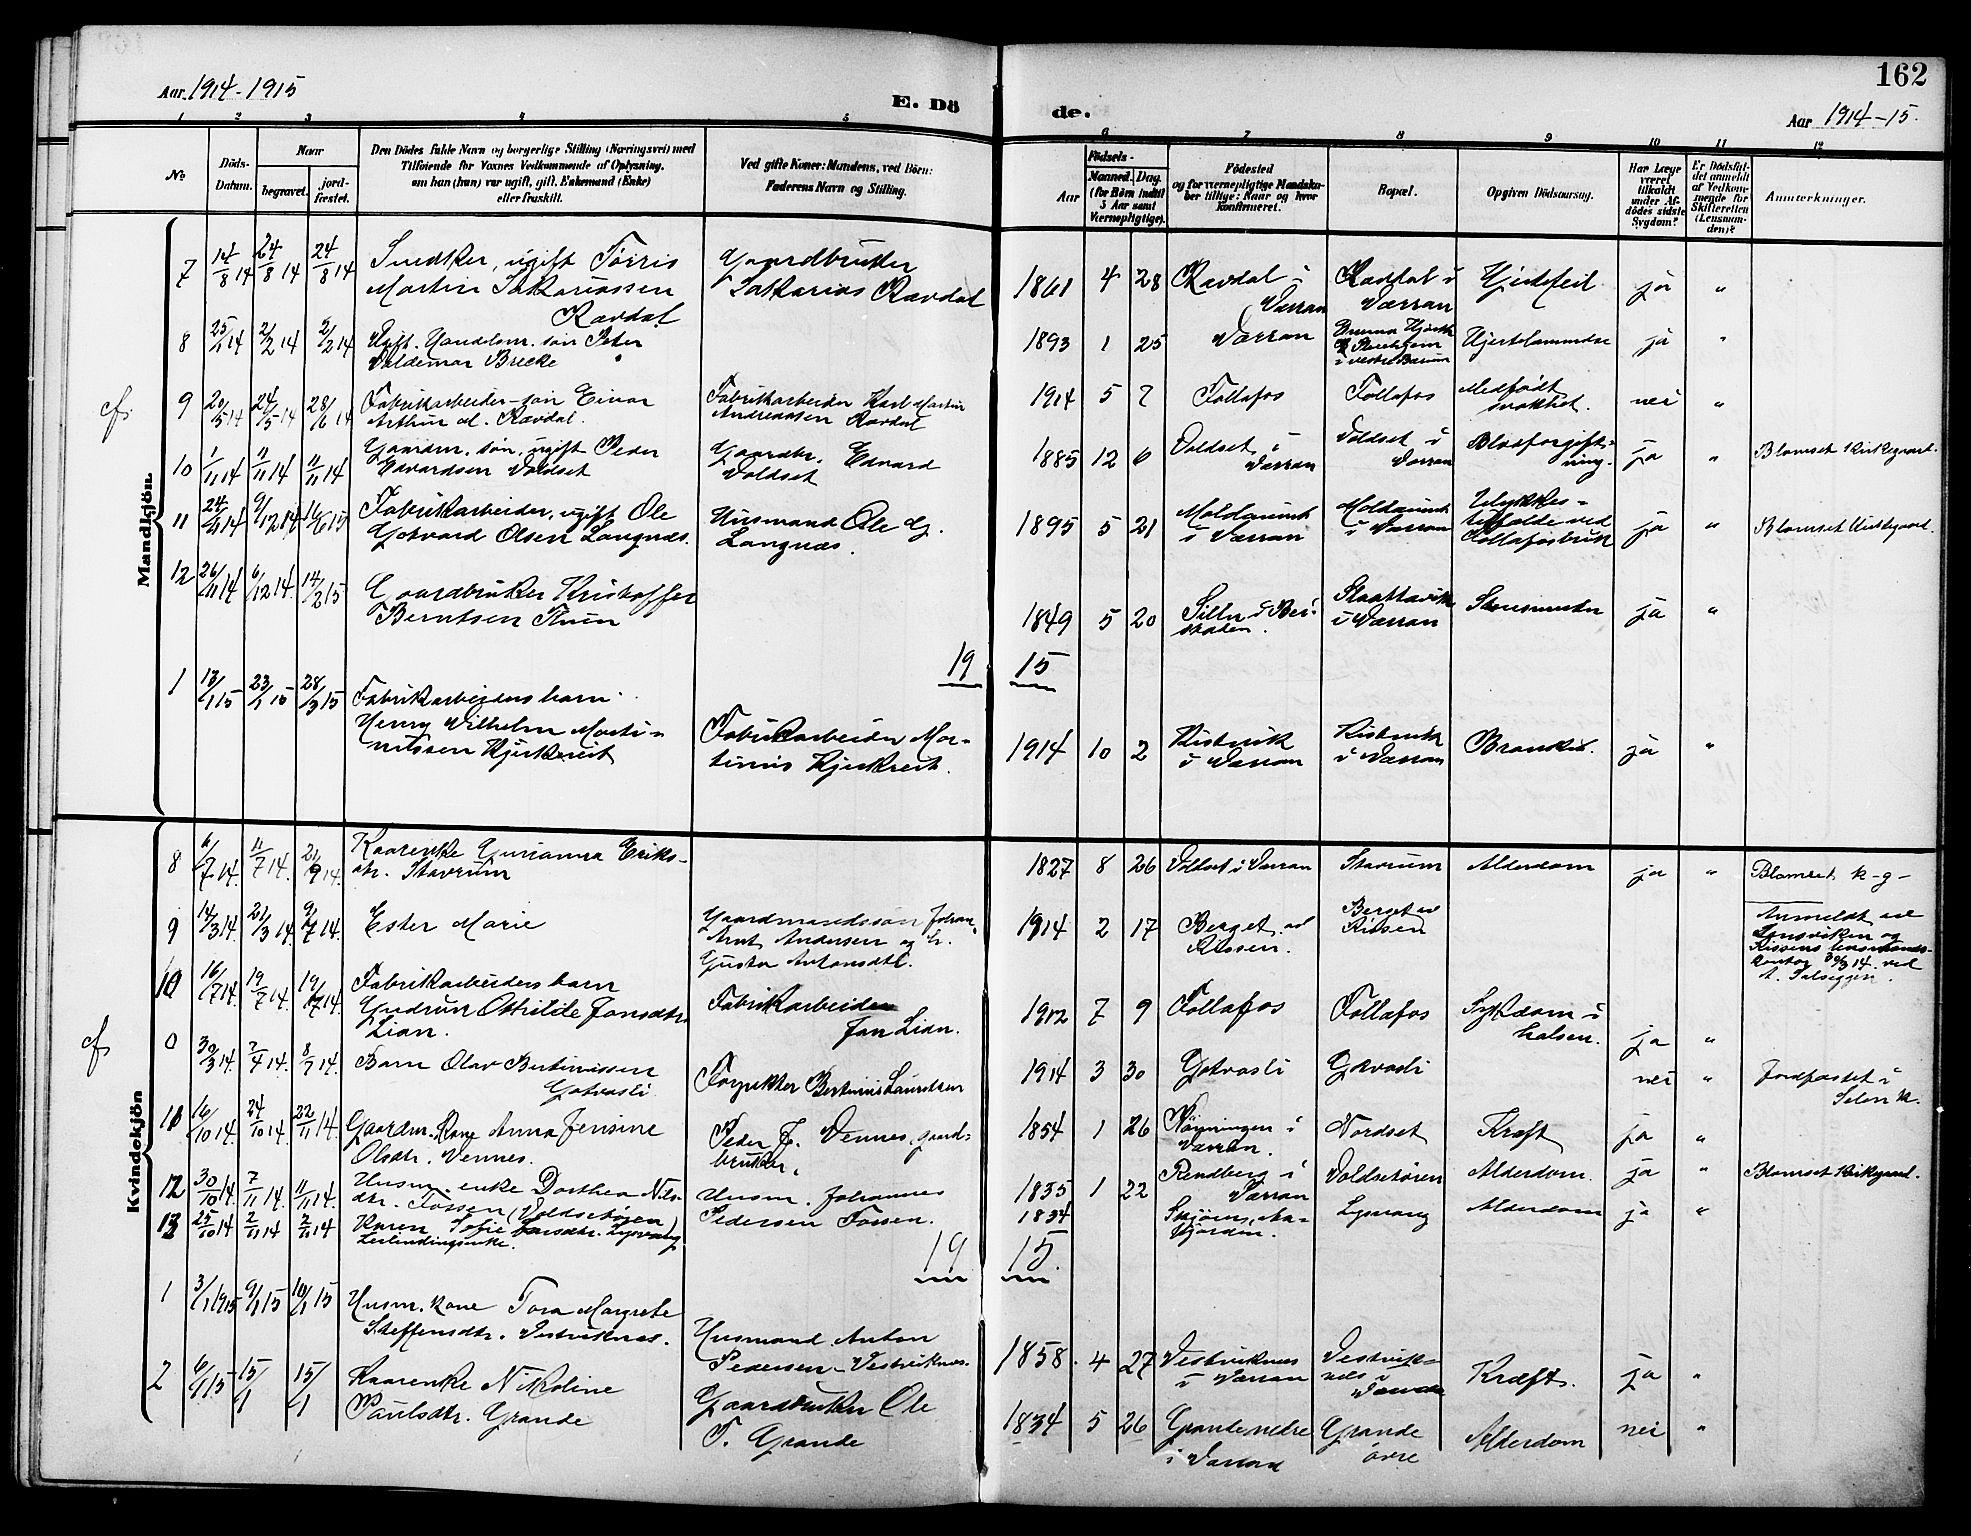 SAT, Ministerialprotokoller, klokkerbøker og fødselsregistre - Nord-Trøndelag, 744/L0424: Klokkerbok nr. 744C03, 1906-1923, s. 162